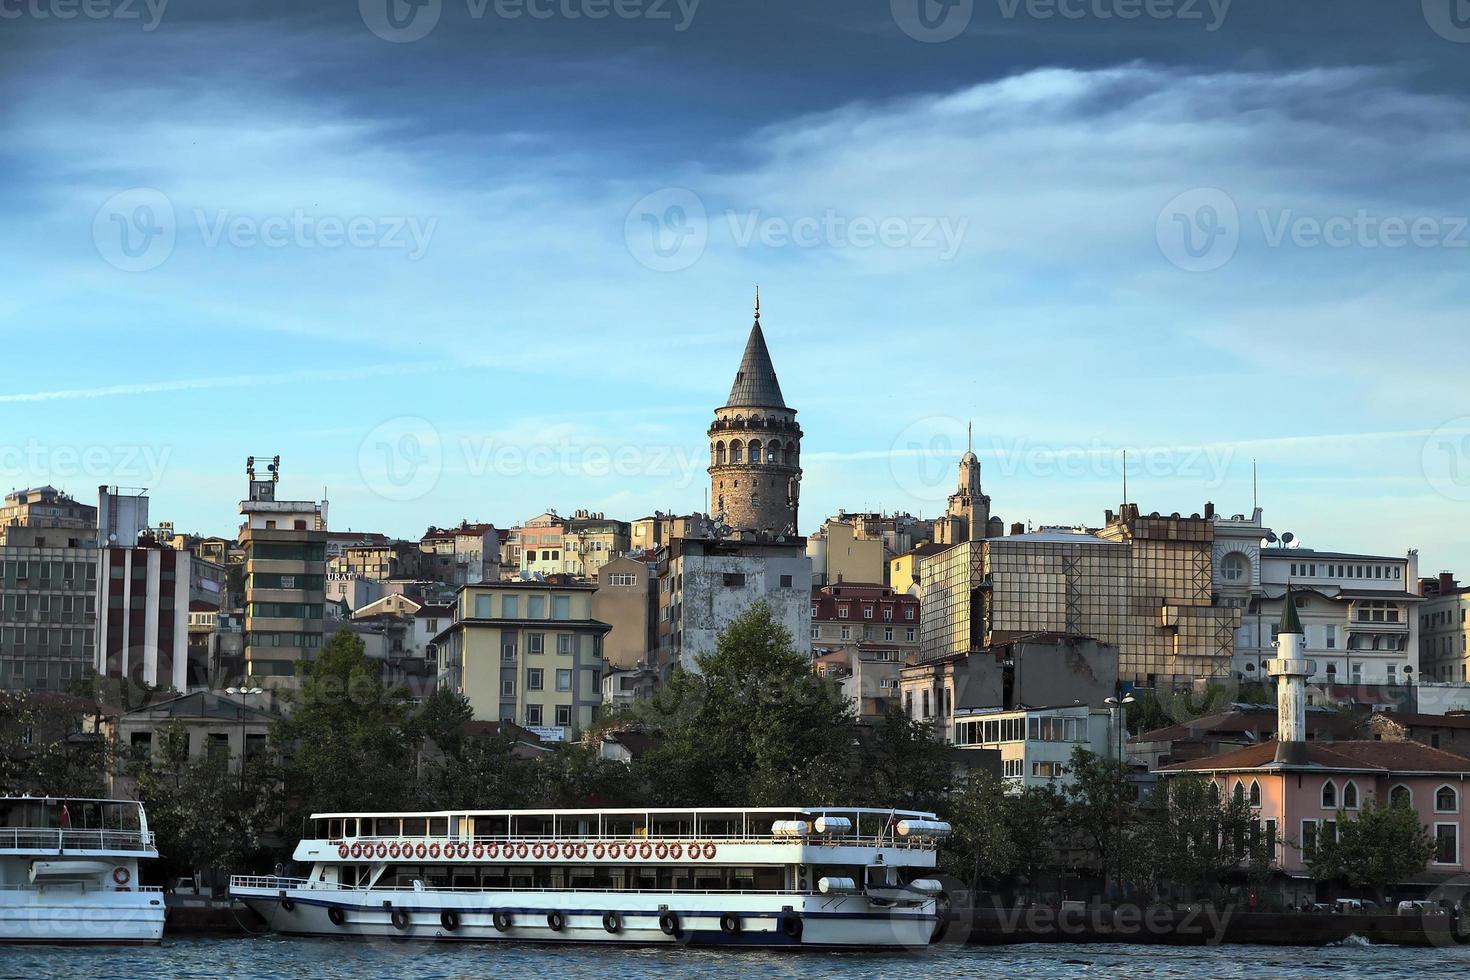 Galatatoren - Istanboel zee vooraanzicht, Bosporus, Turkije. foto